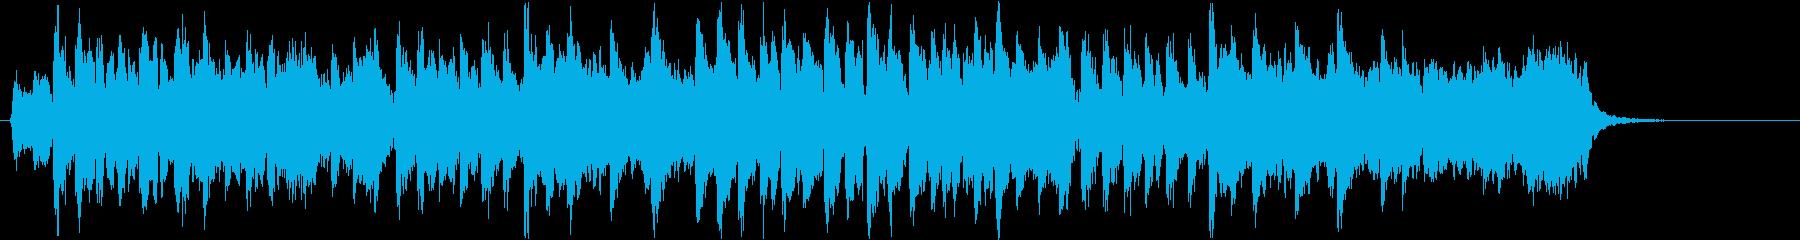 明るく爽やかな和風曲-短縮版の再生済みの波形